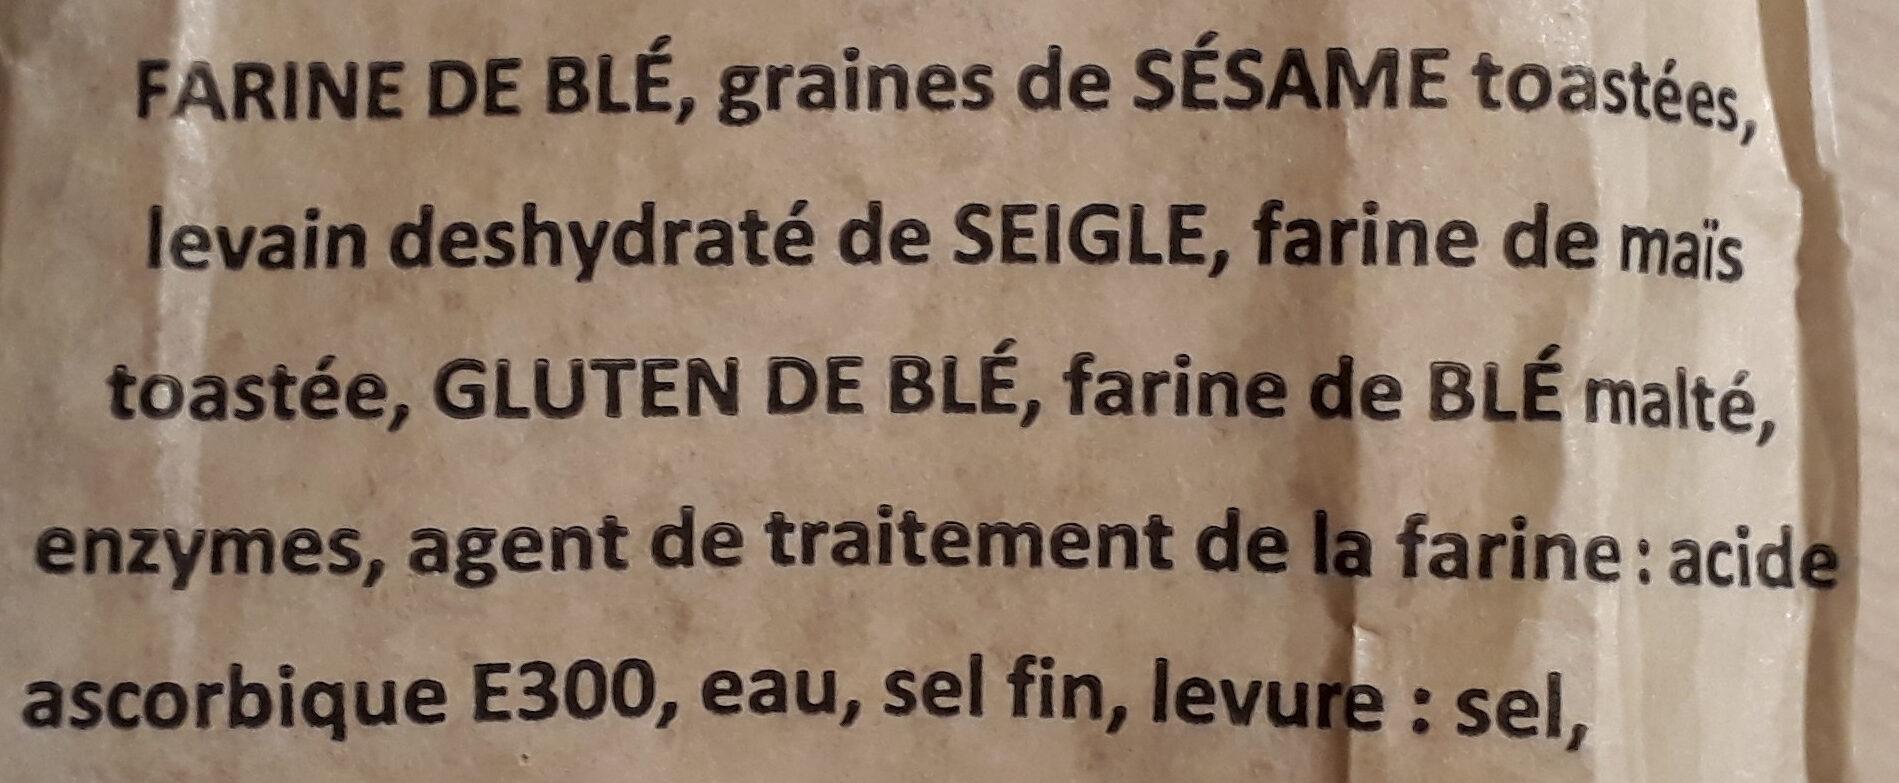 Baguette clef des champs - Ingrédients